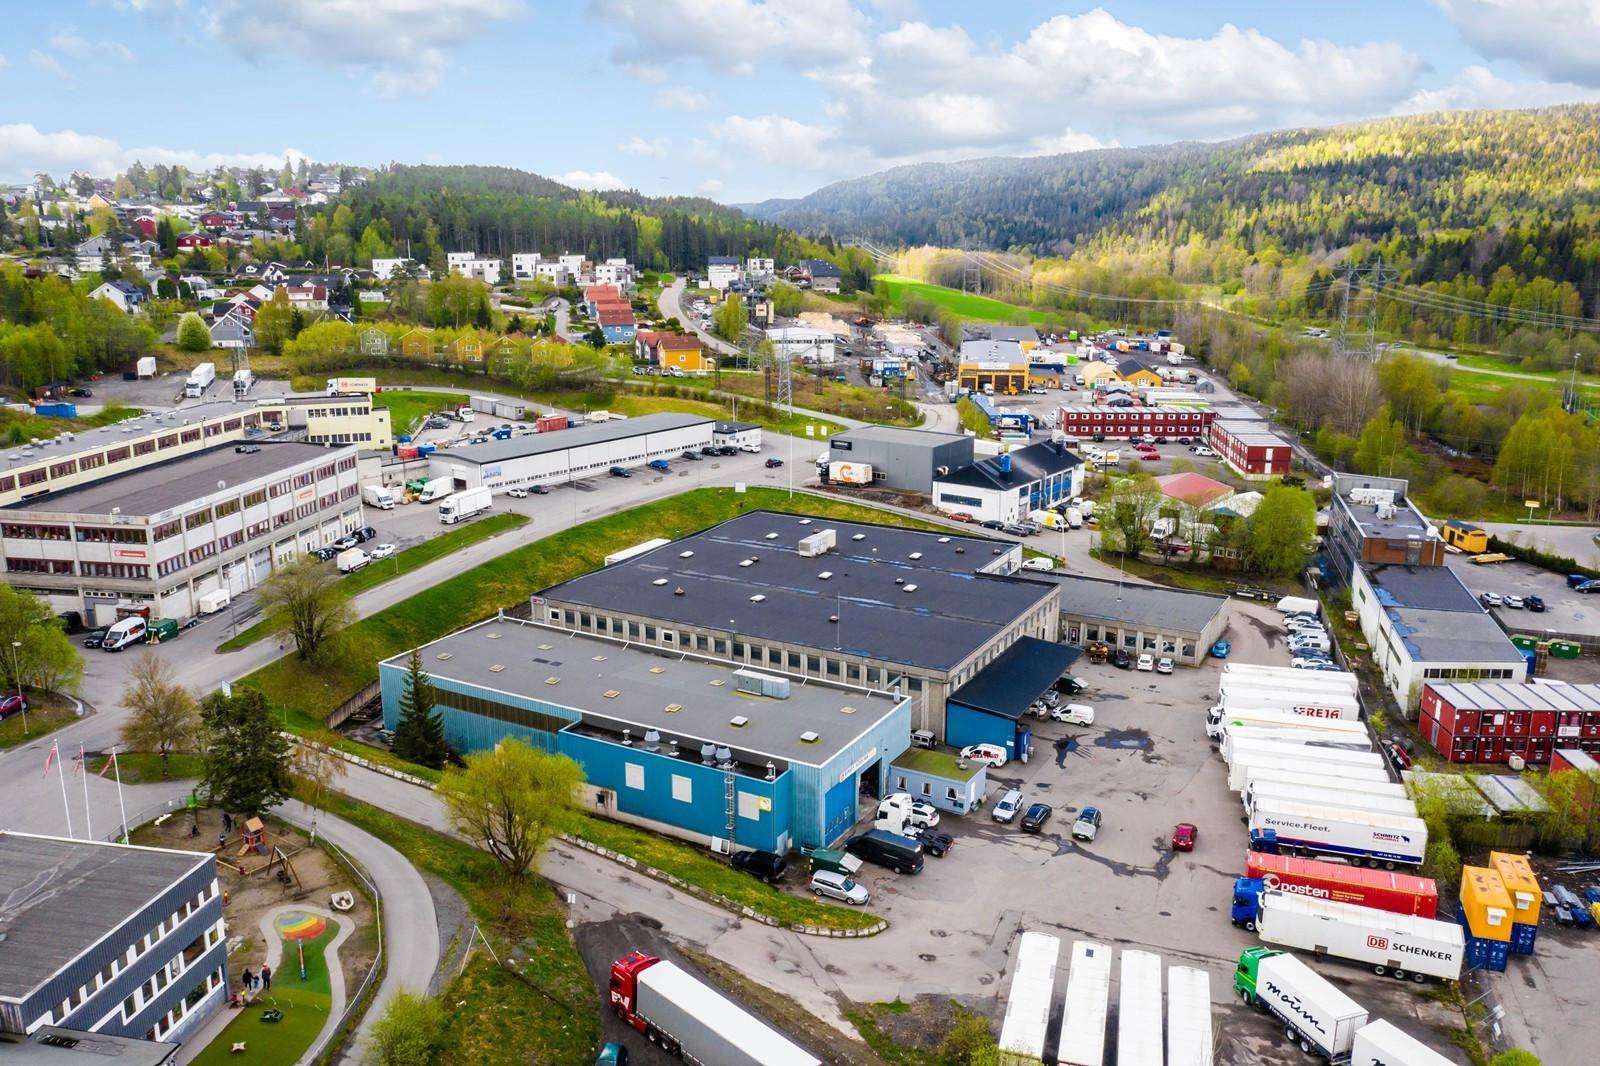 Eiendommen har god beliggenhet i Visperud næringspark